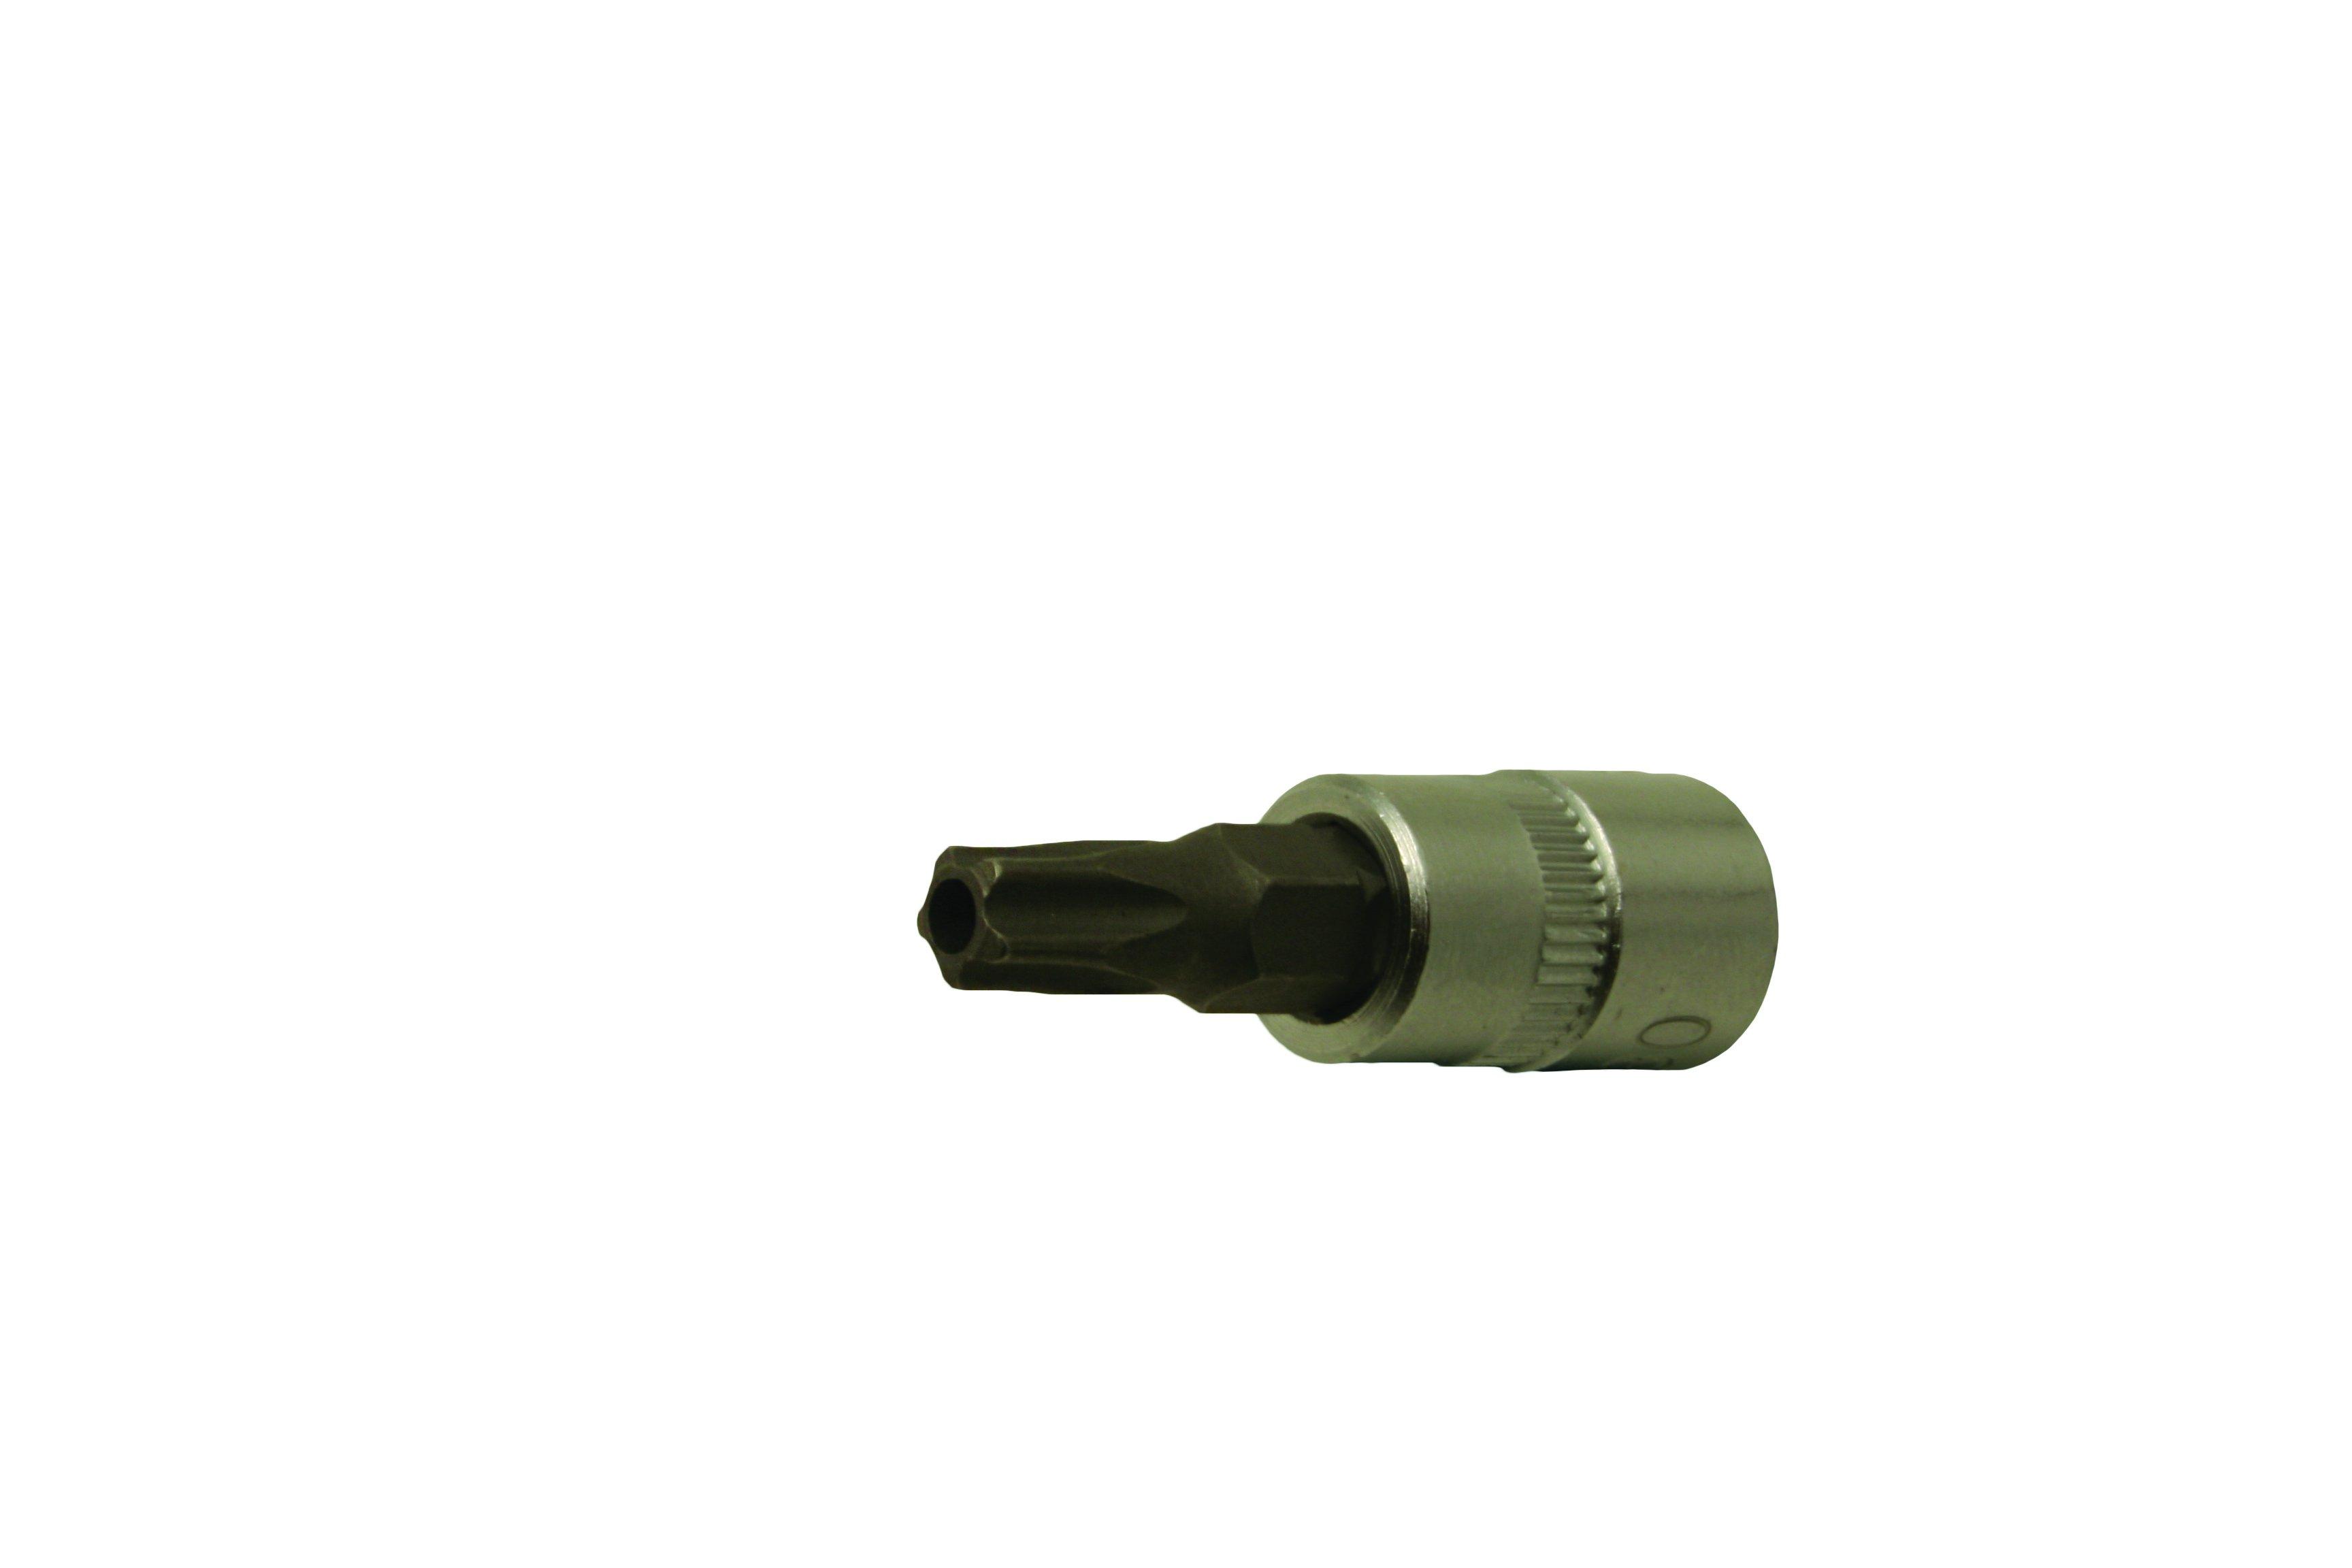 T25 9685 CTA 5 PT TAMPER TORX SOCKET